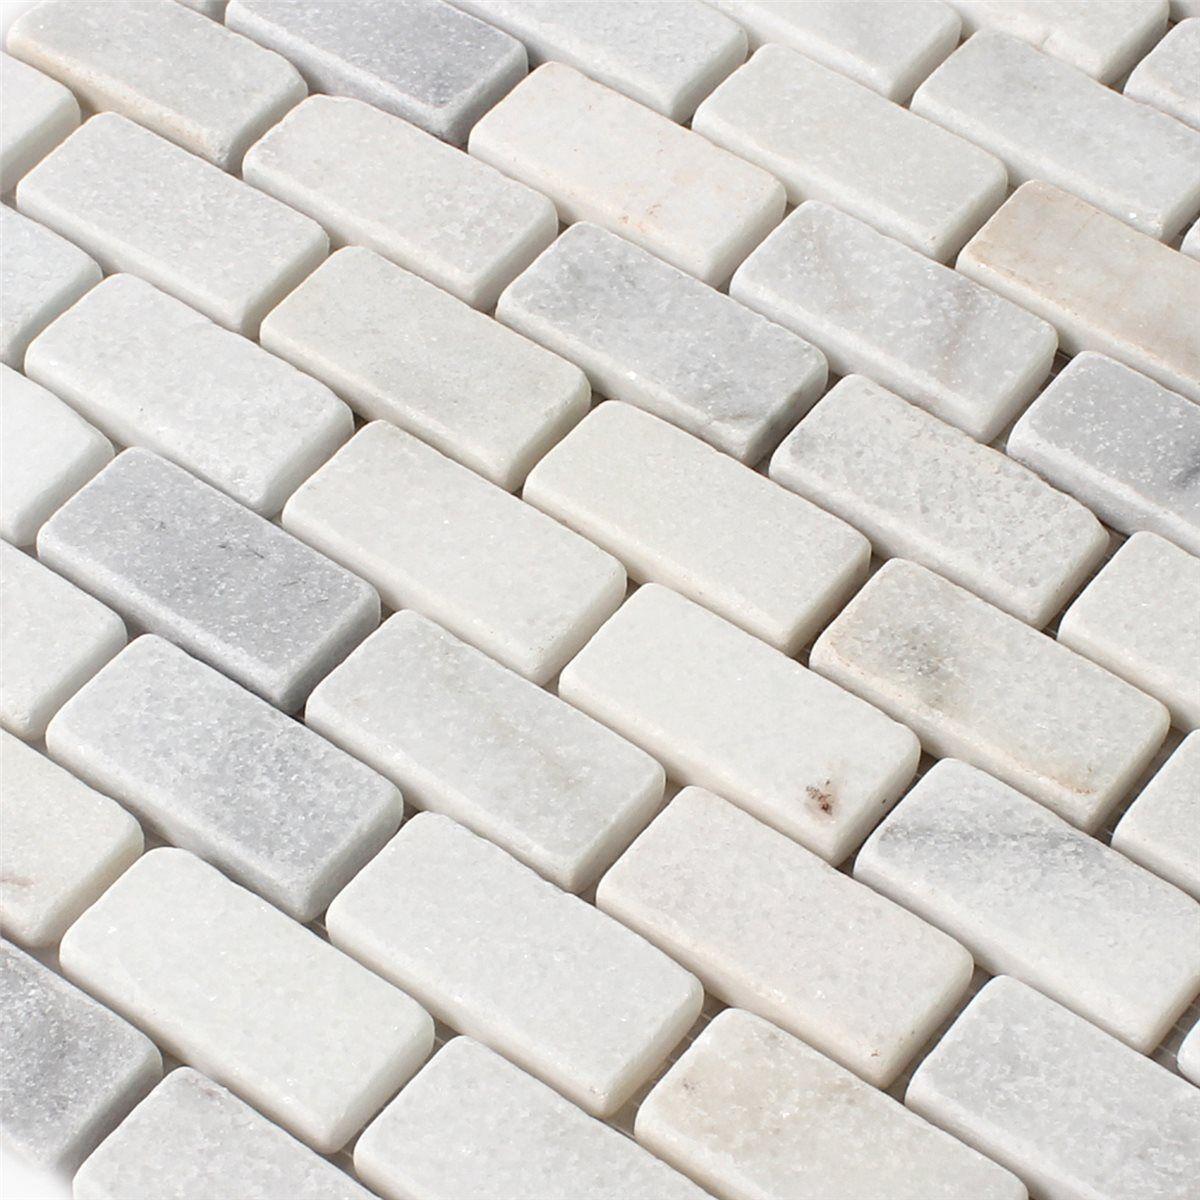 Marmor Naturstein Mosaik Brick Weiss Getrommelt Natursteine Mosaik Mosaikfliesen